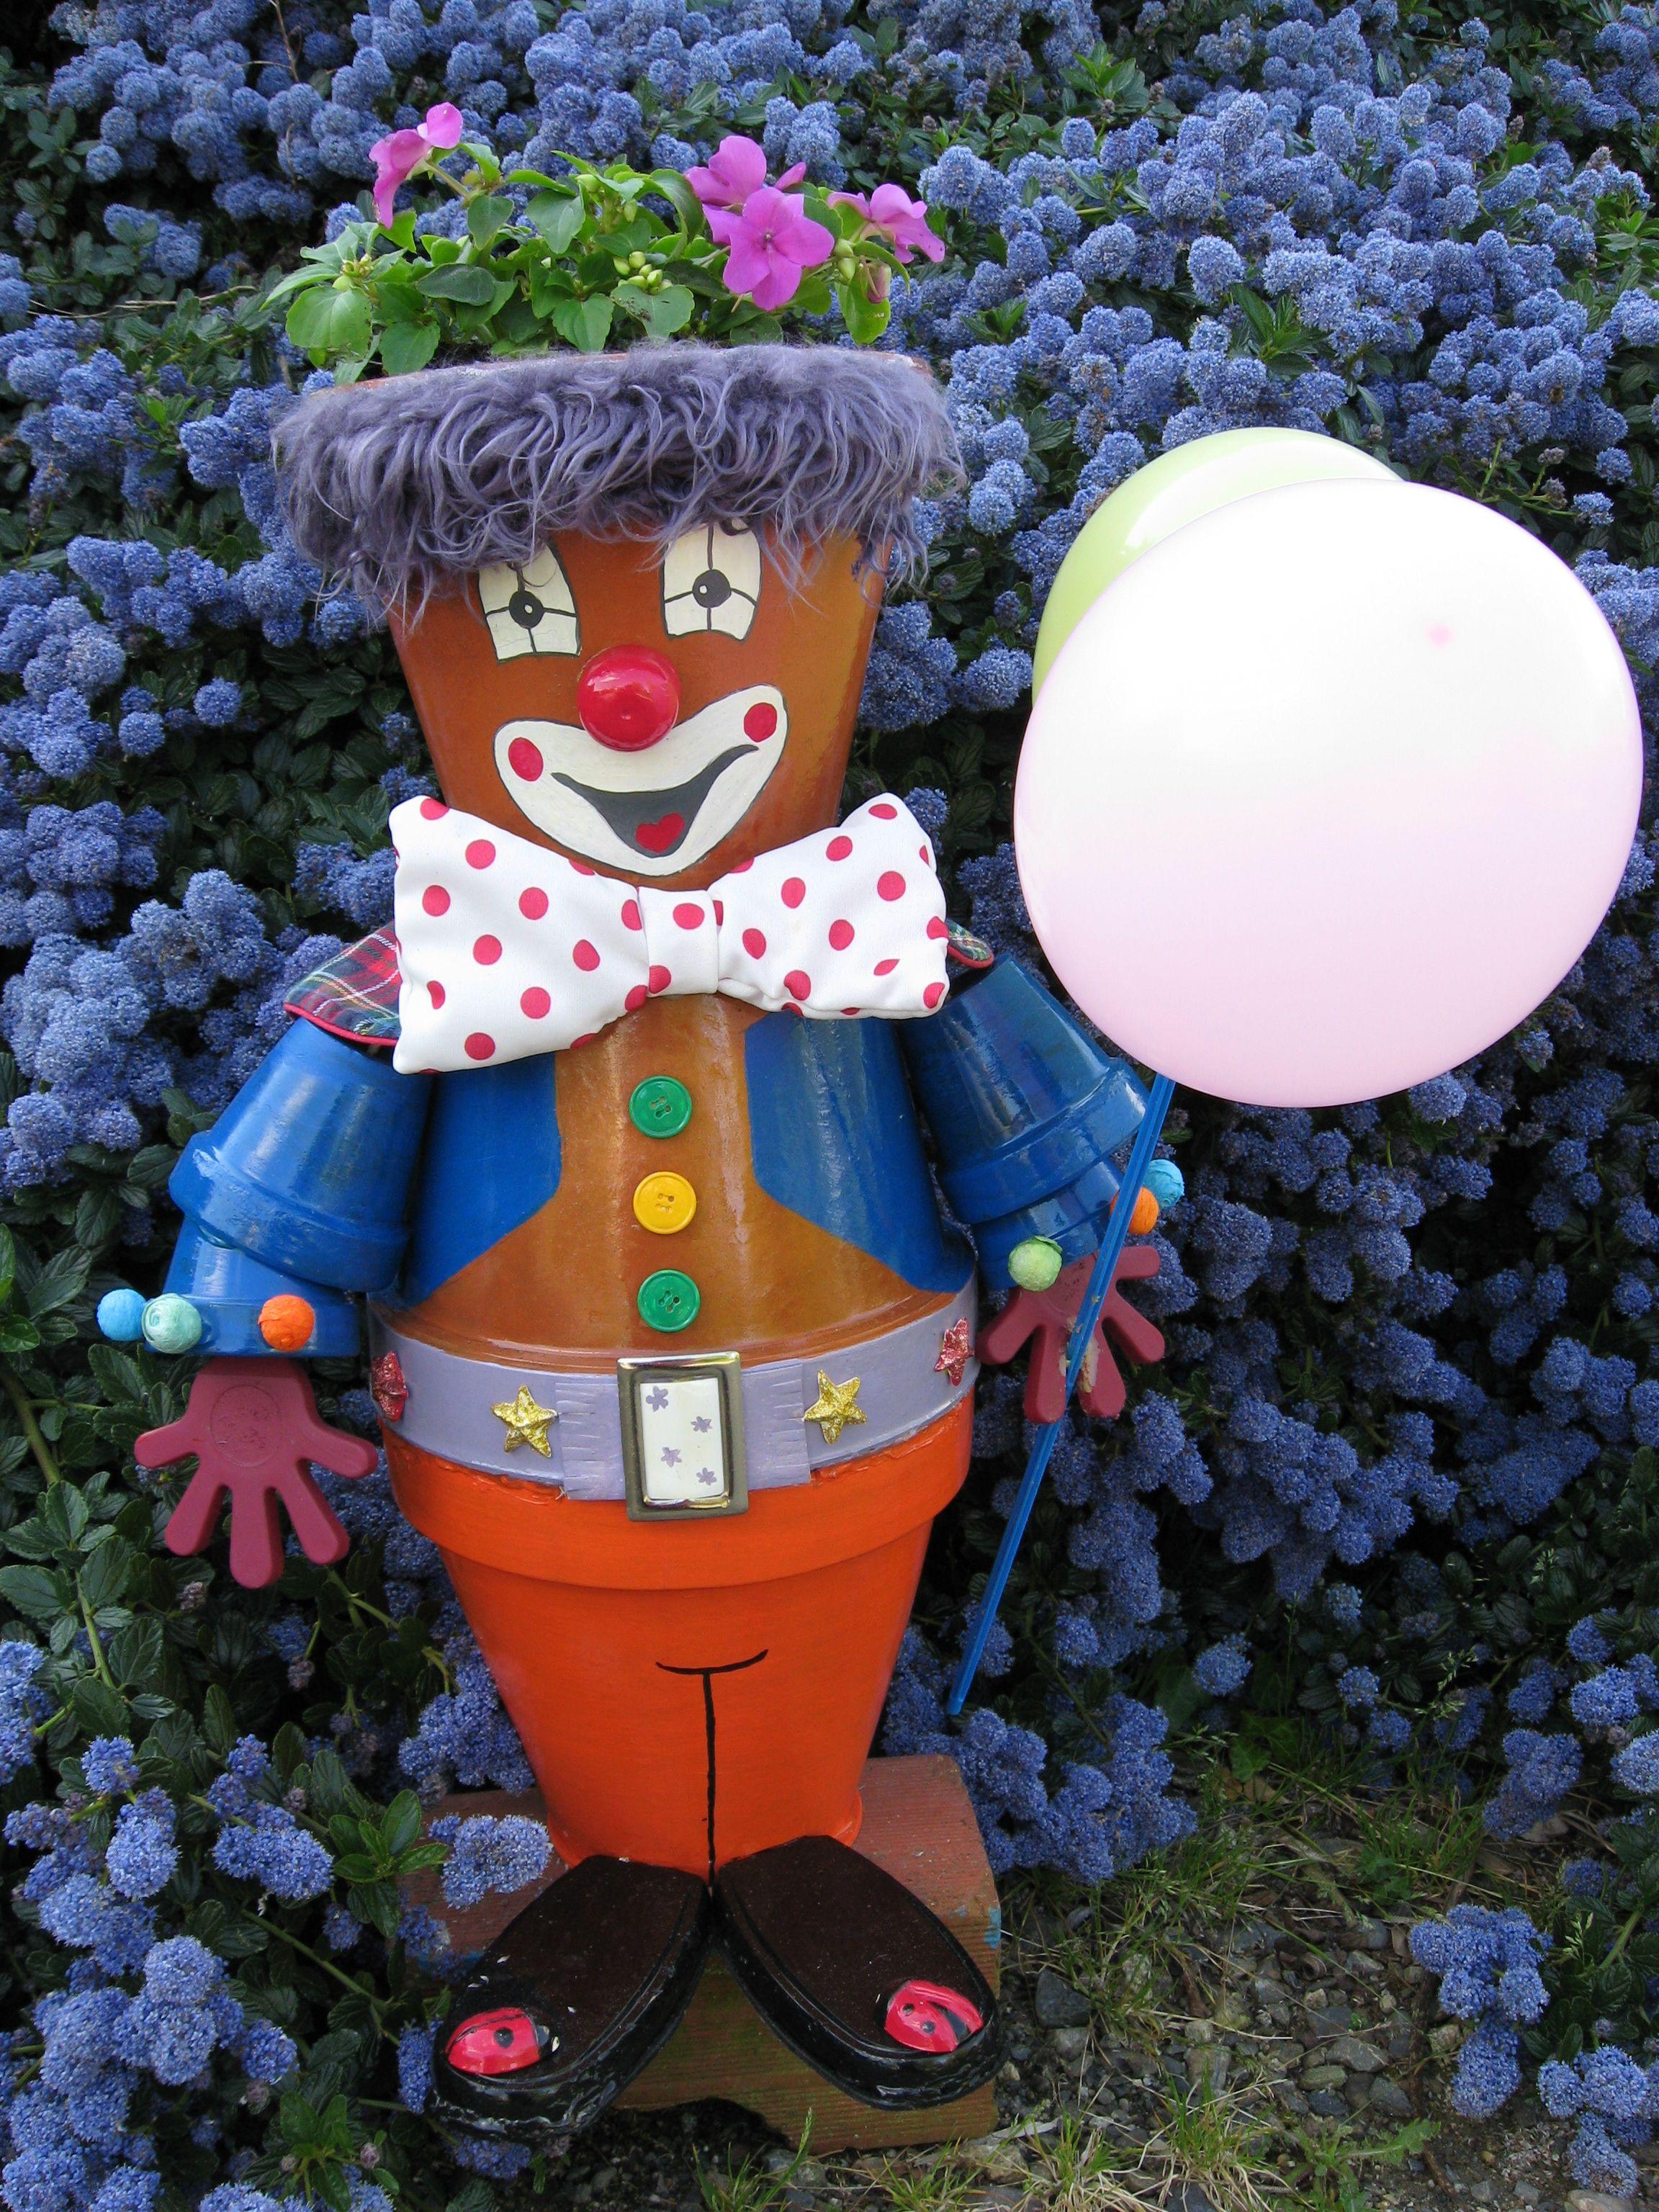 Un clown en pot de terre terra cotta pots pinterest clay clay pot people and terra cotta - Nouveaux personnages en pots de terre cuite ...